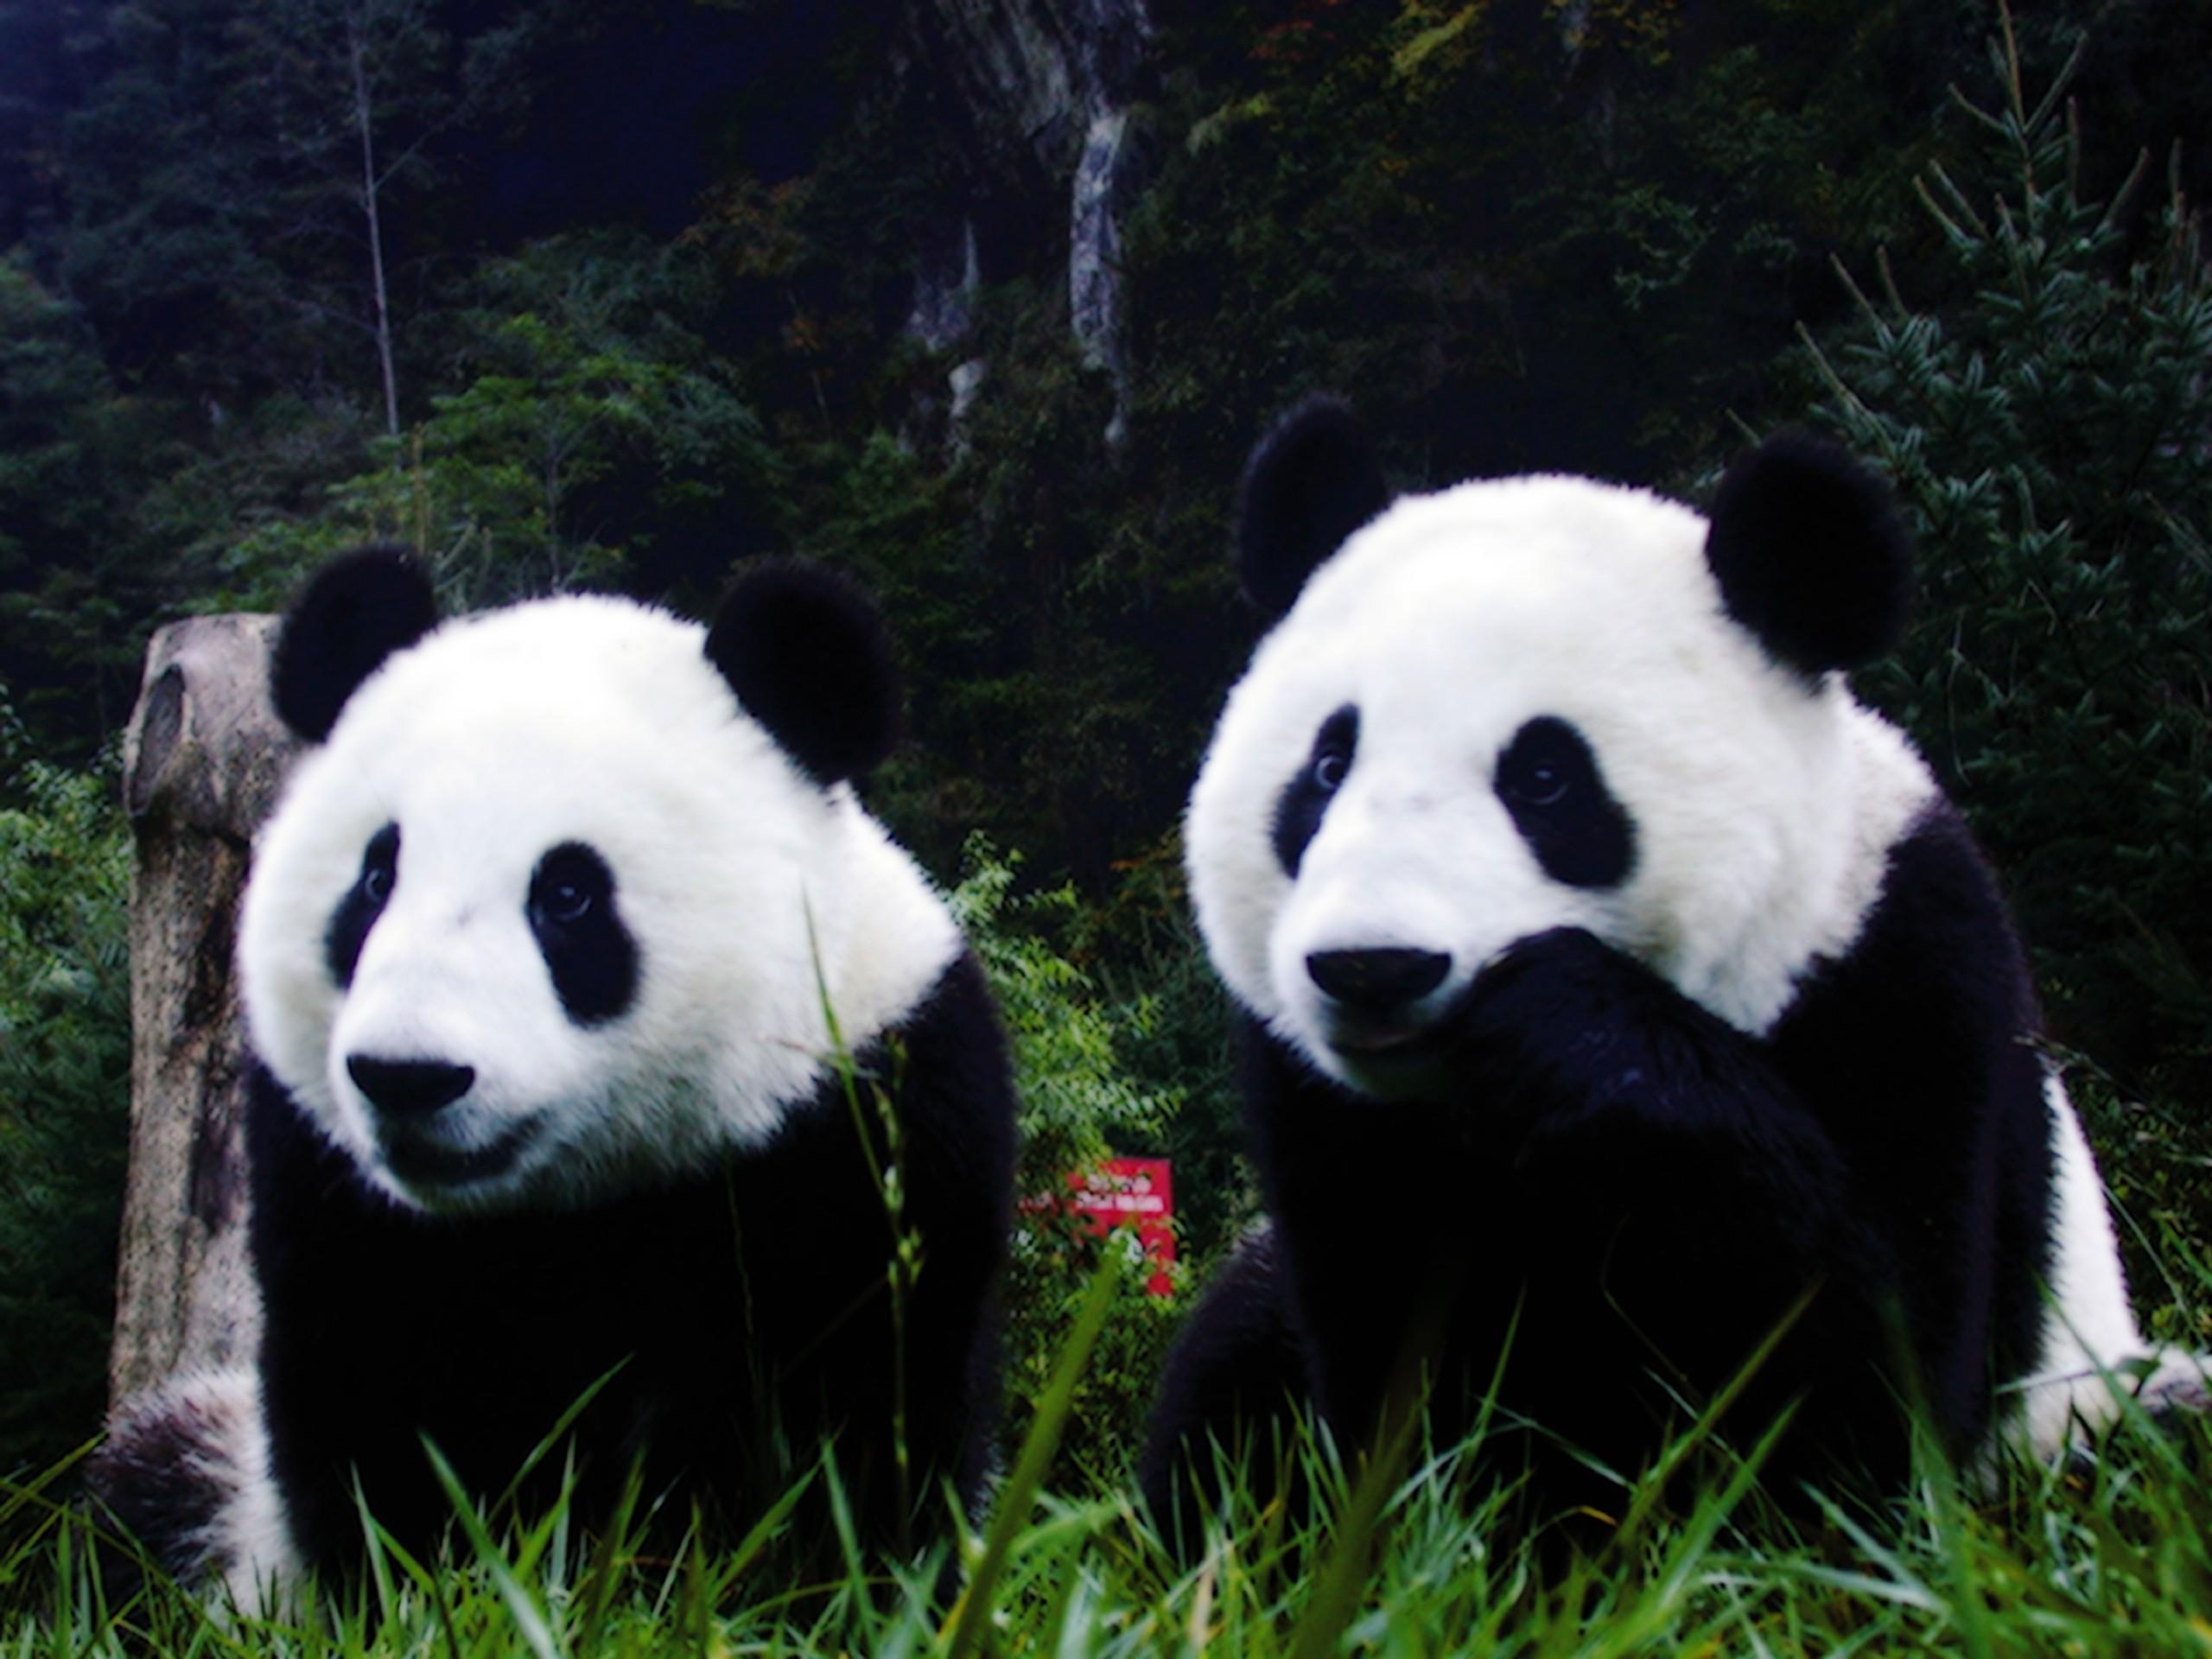 Panda Images